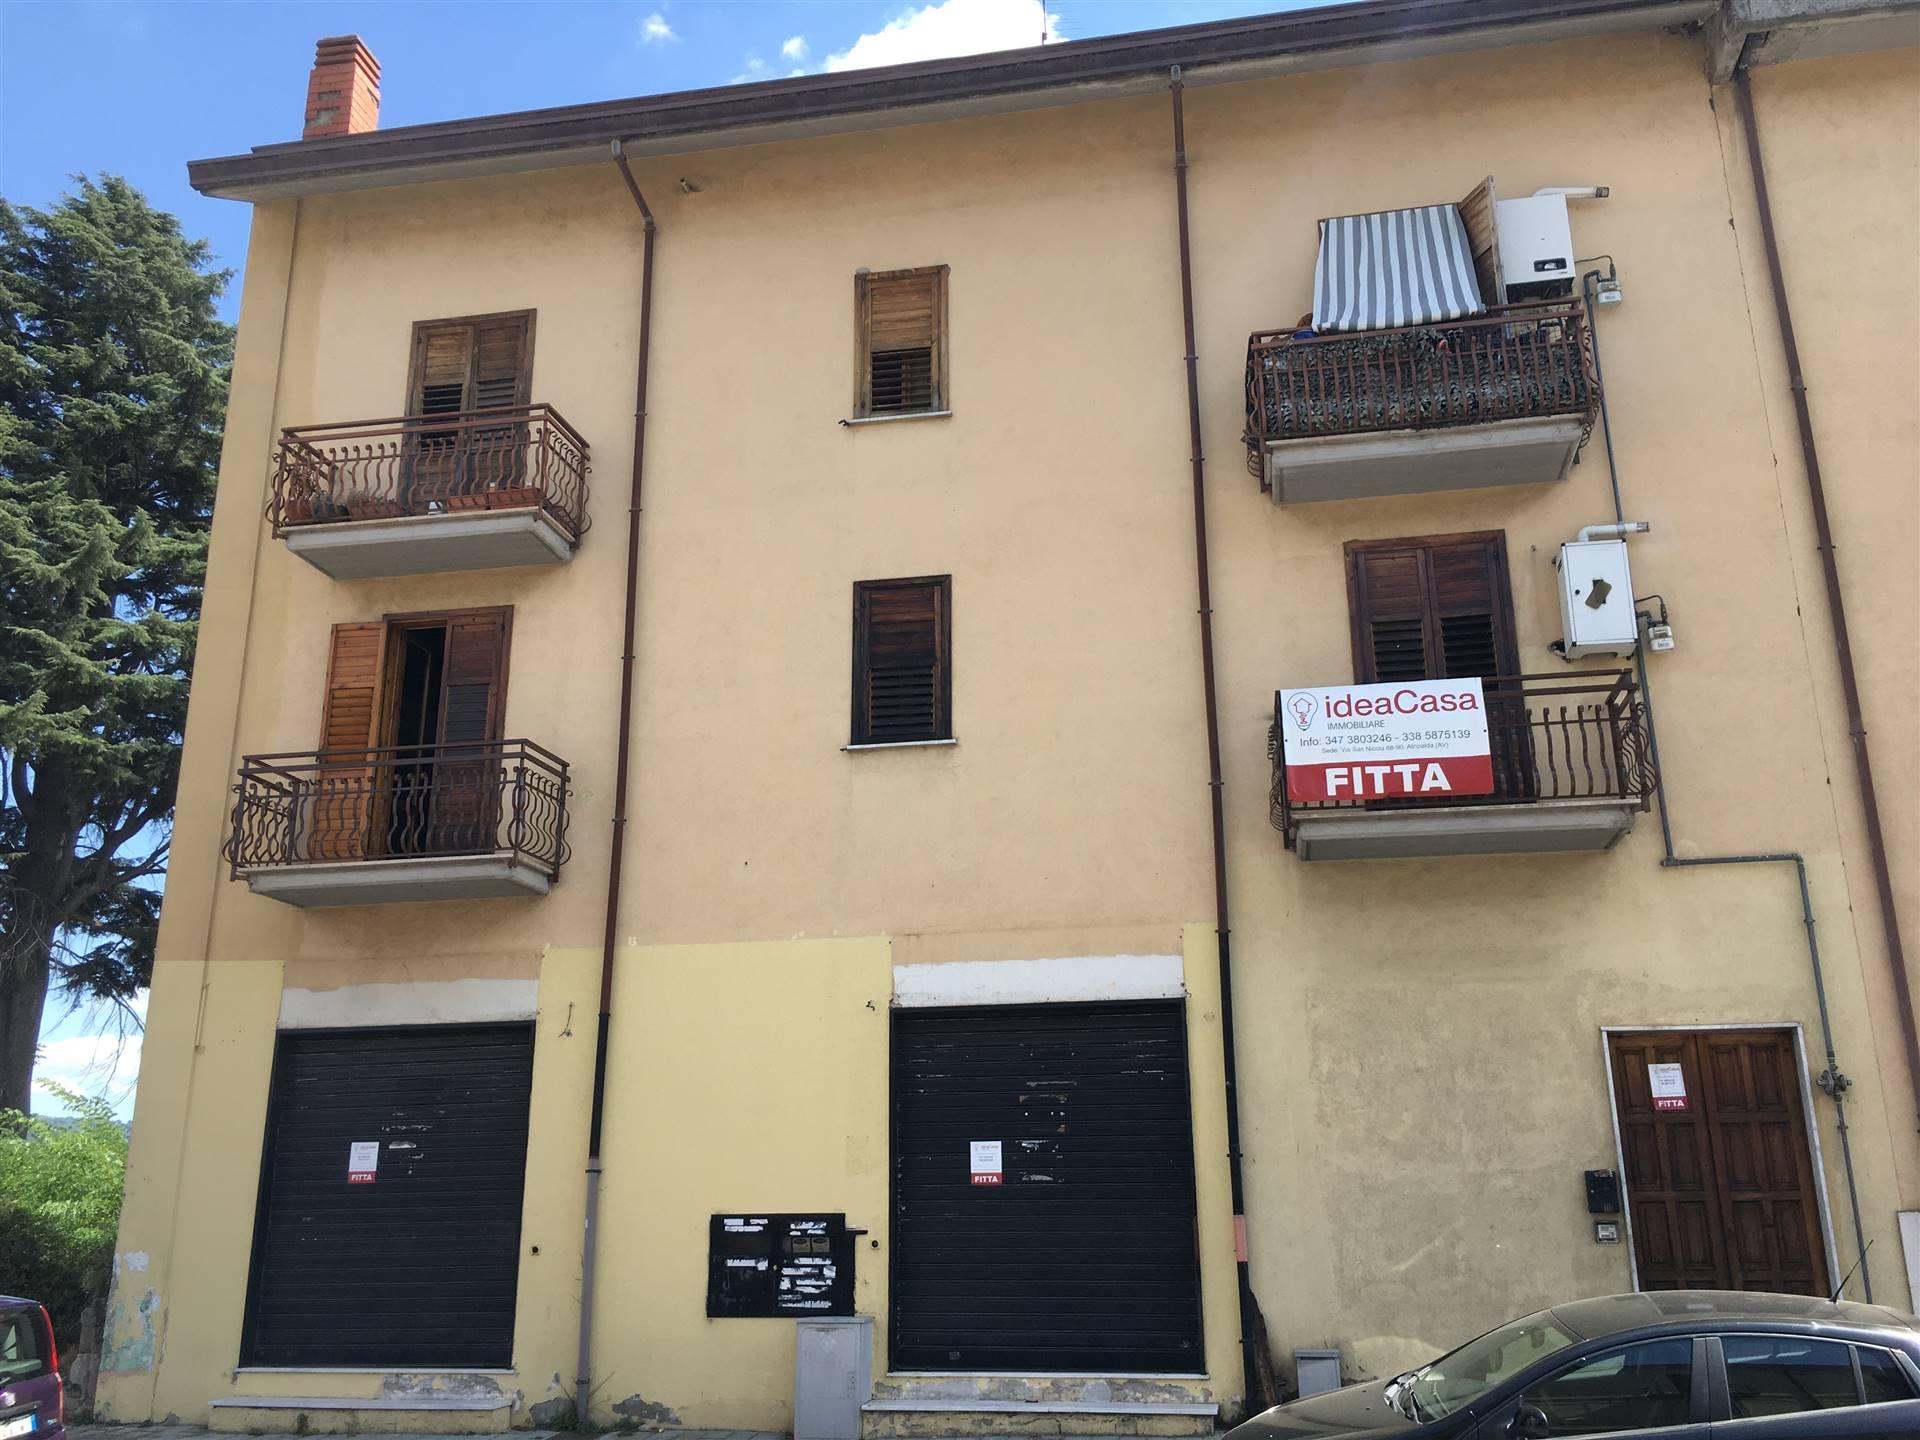 Appartamento in affitto a Avellino, 2 locali, zona Zona: Semicentro, prezzo € 250 | CambioCasa.it